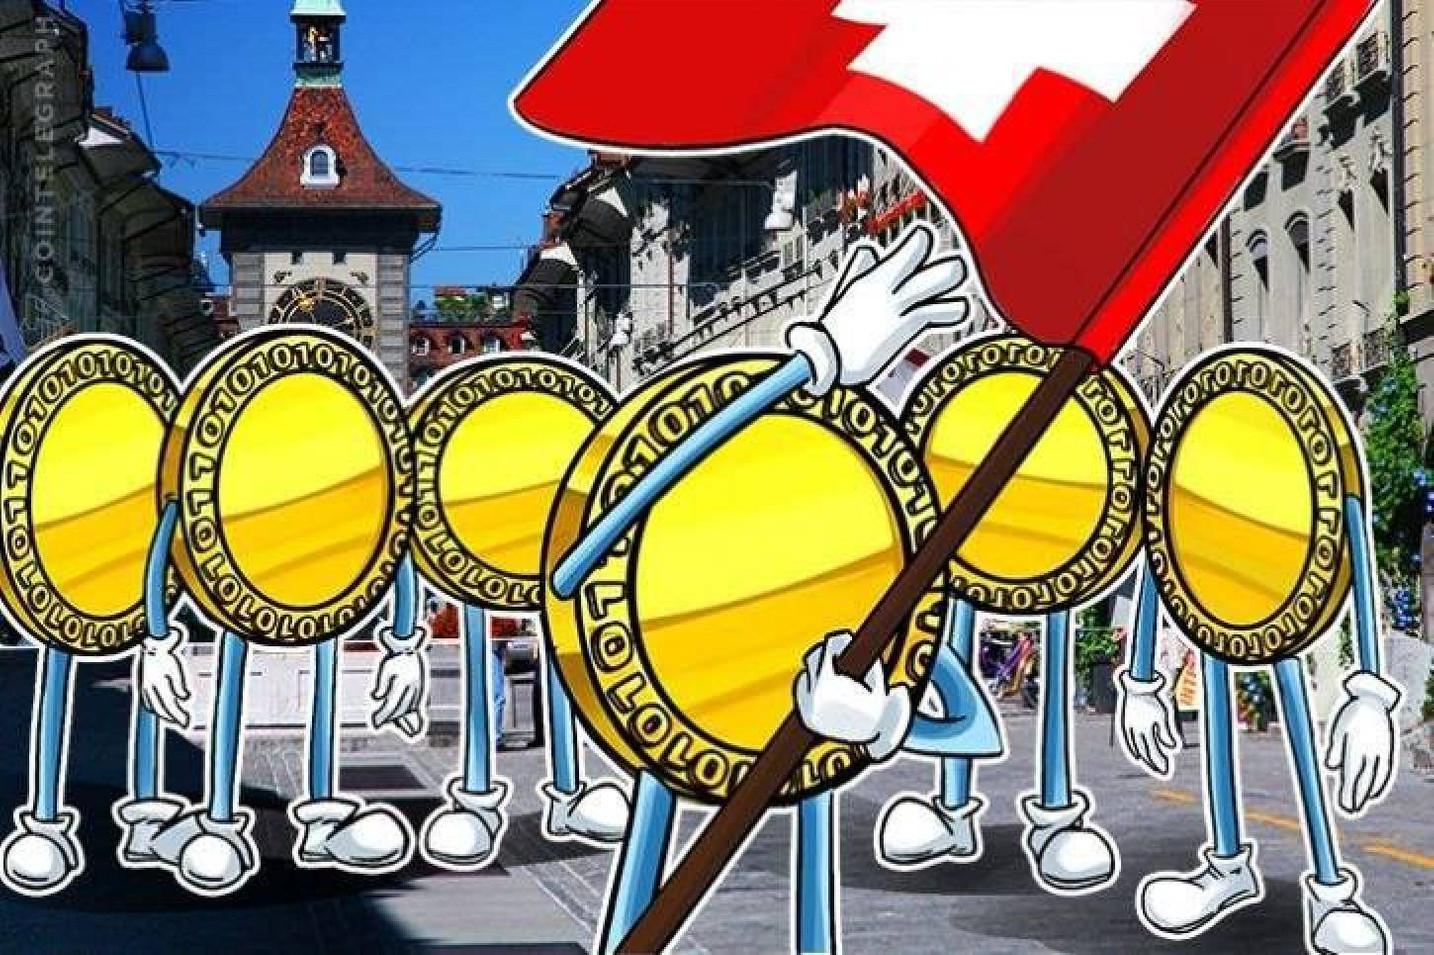 中央銀行の権限強化目指した「ソブリン・マネー」 スイスの国民投票で否決される